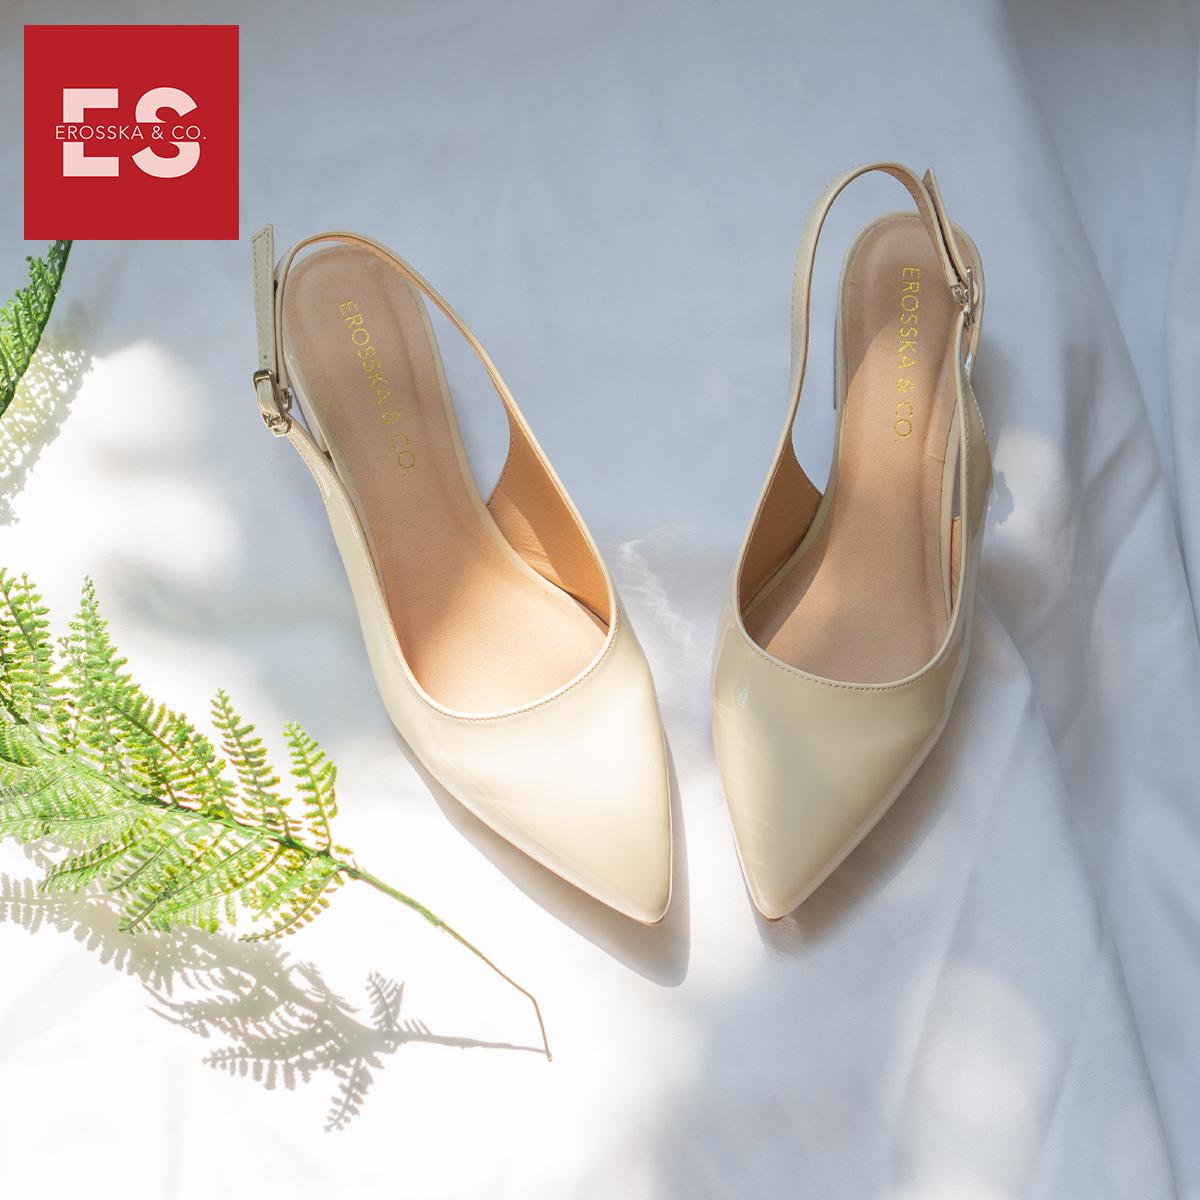 Giày cao gót slingback Erosska mũi nhọn da bóng kiểu dáng basic cao 4cm - EL012 3